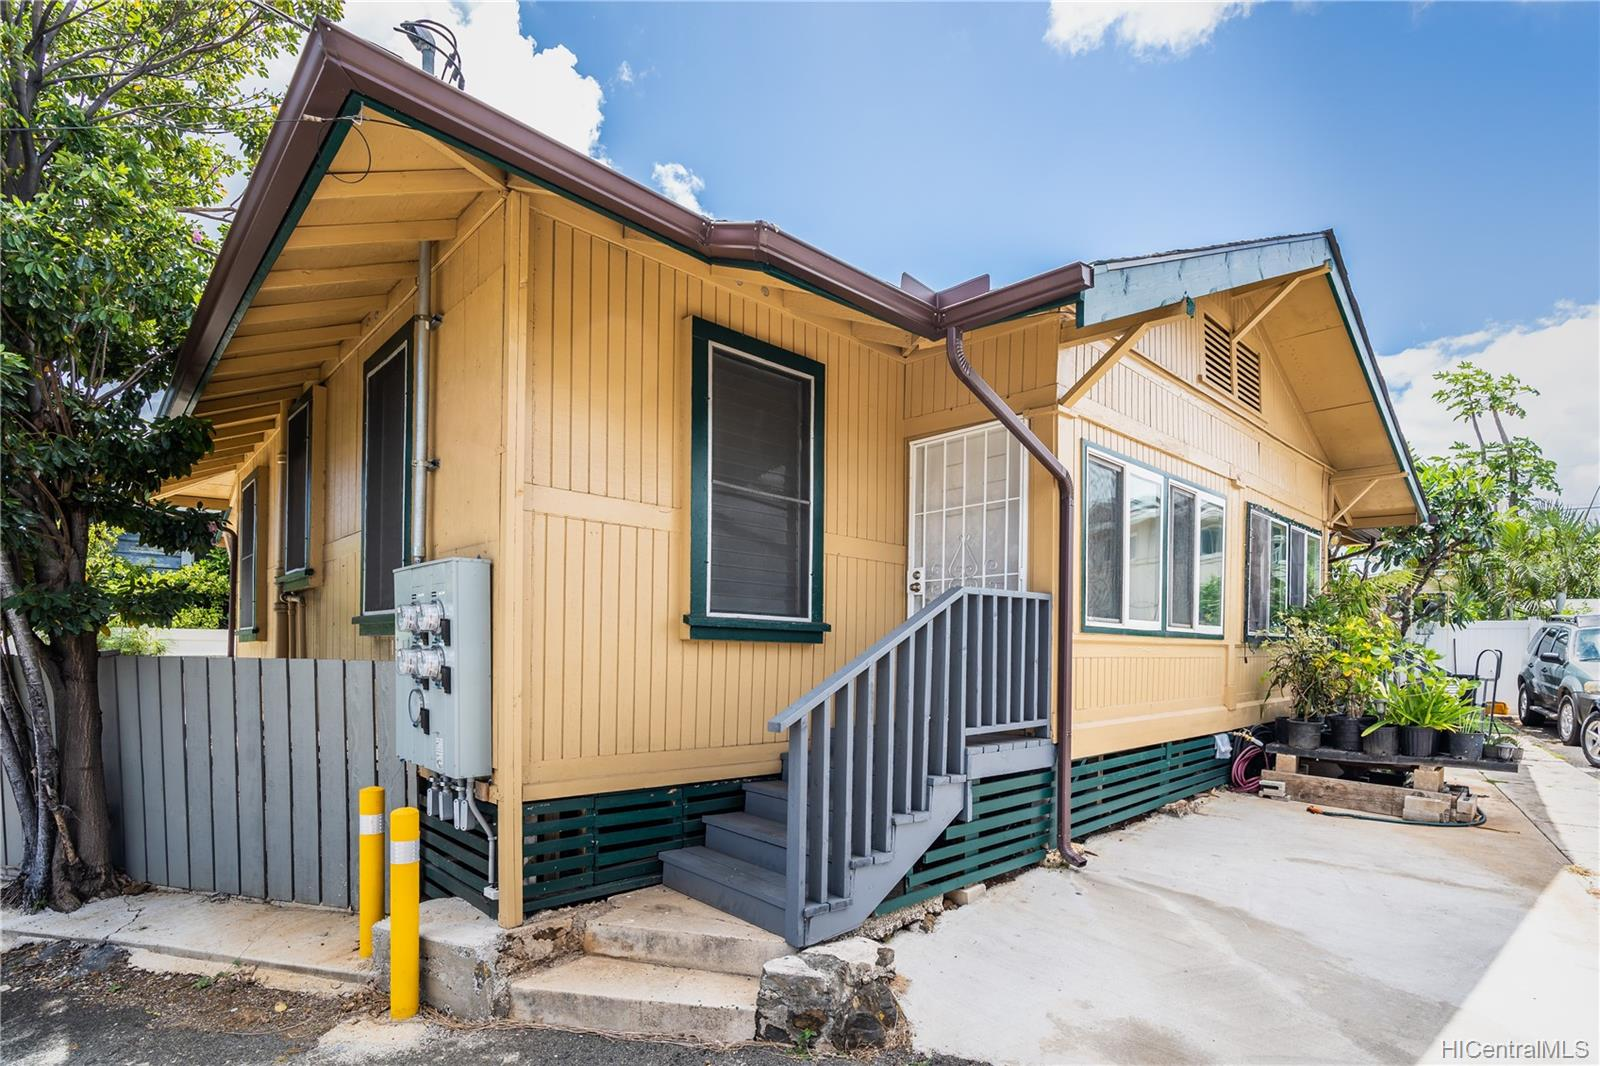 2816 Waialae Ave Honolulu - Multi-family - photo 16 of 21